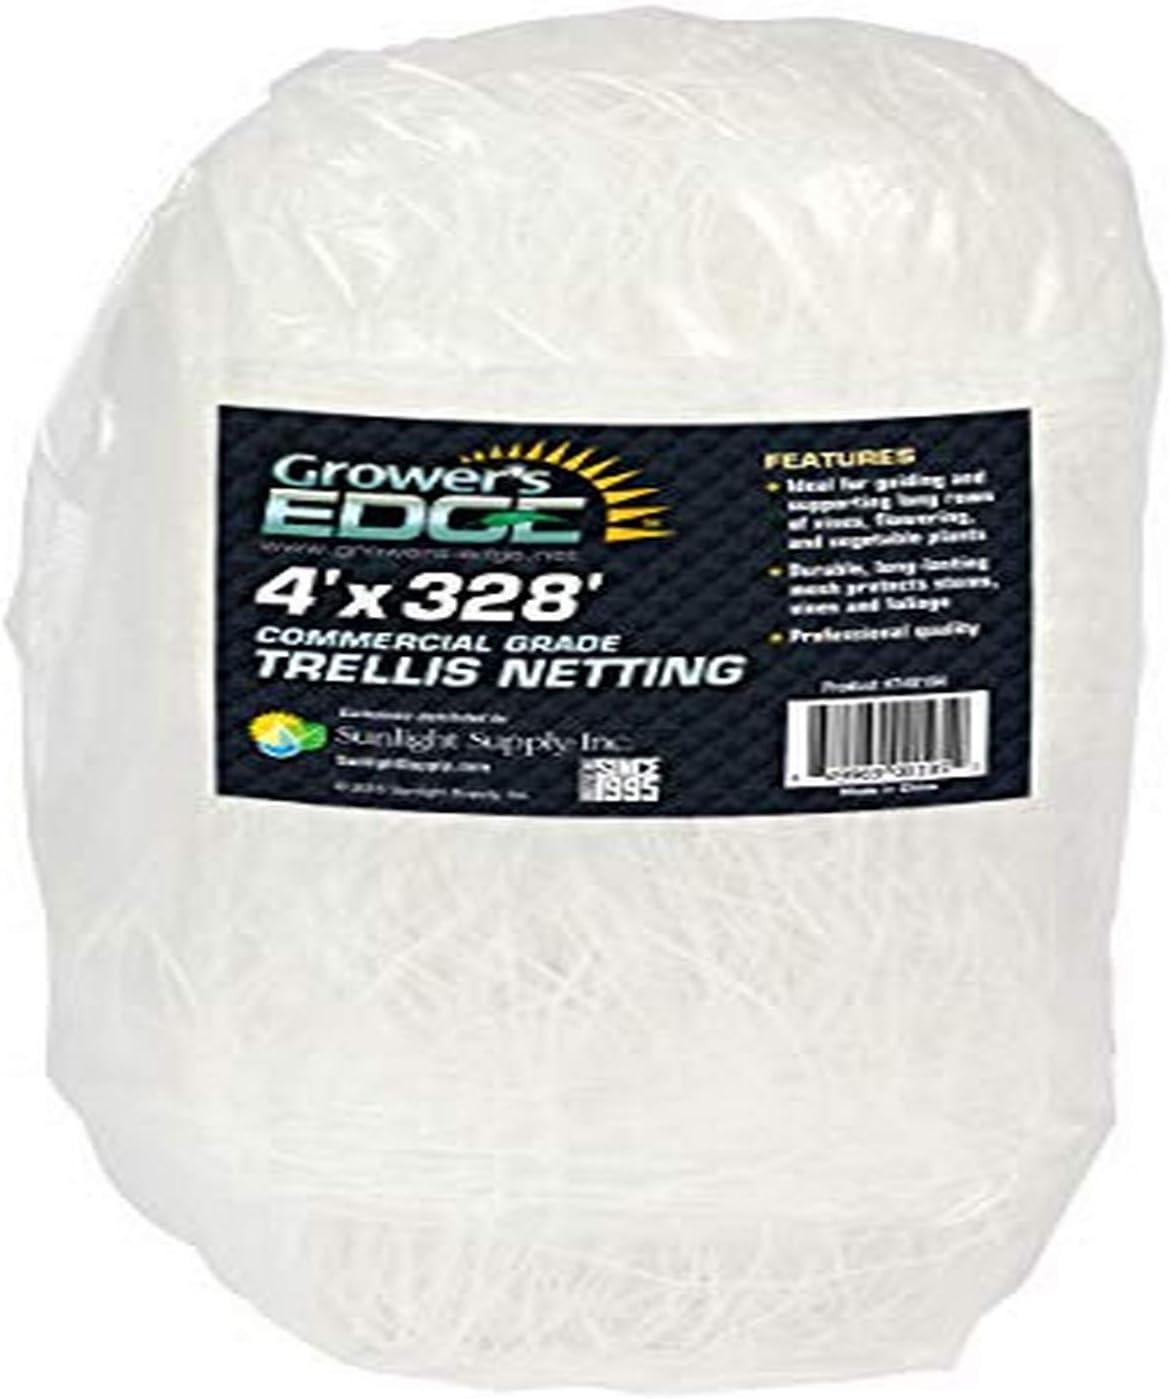 Grower's Edge 740164 Commercial Grade Trellis Netting, 48 Inch Width, 328 ft Length